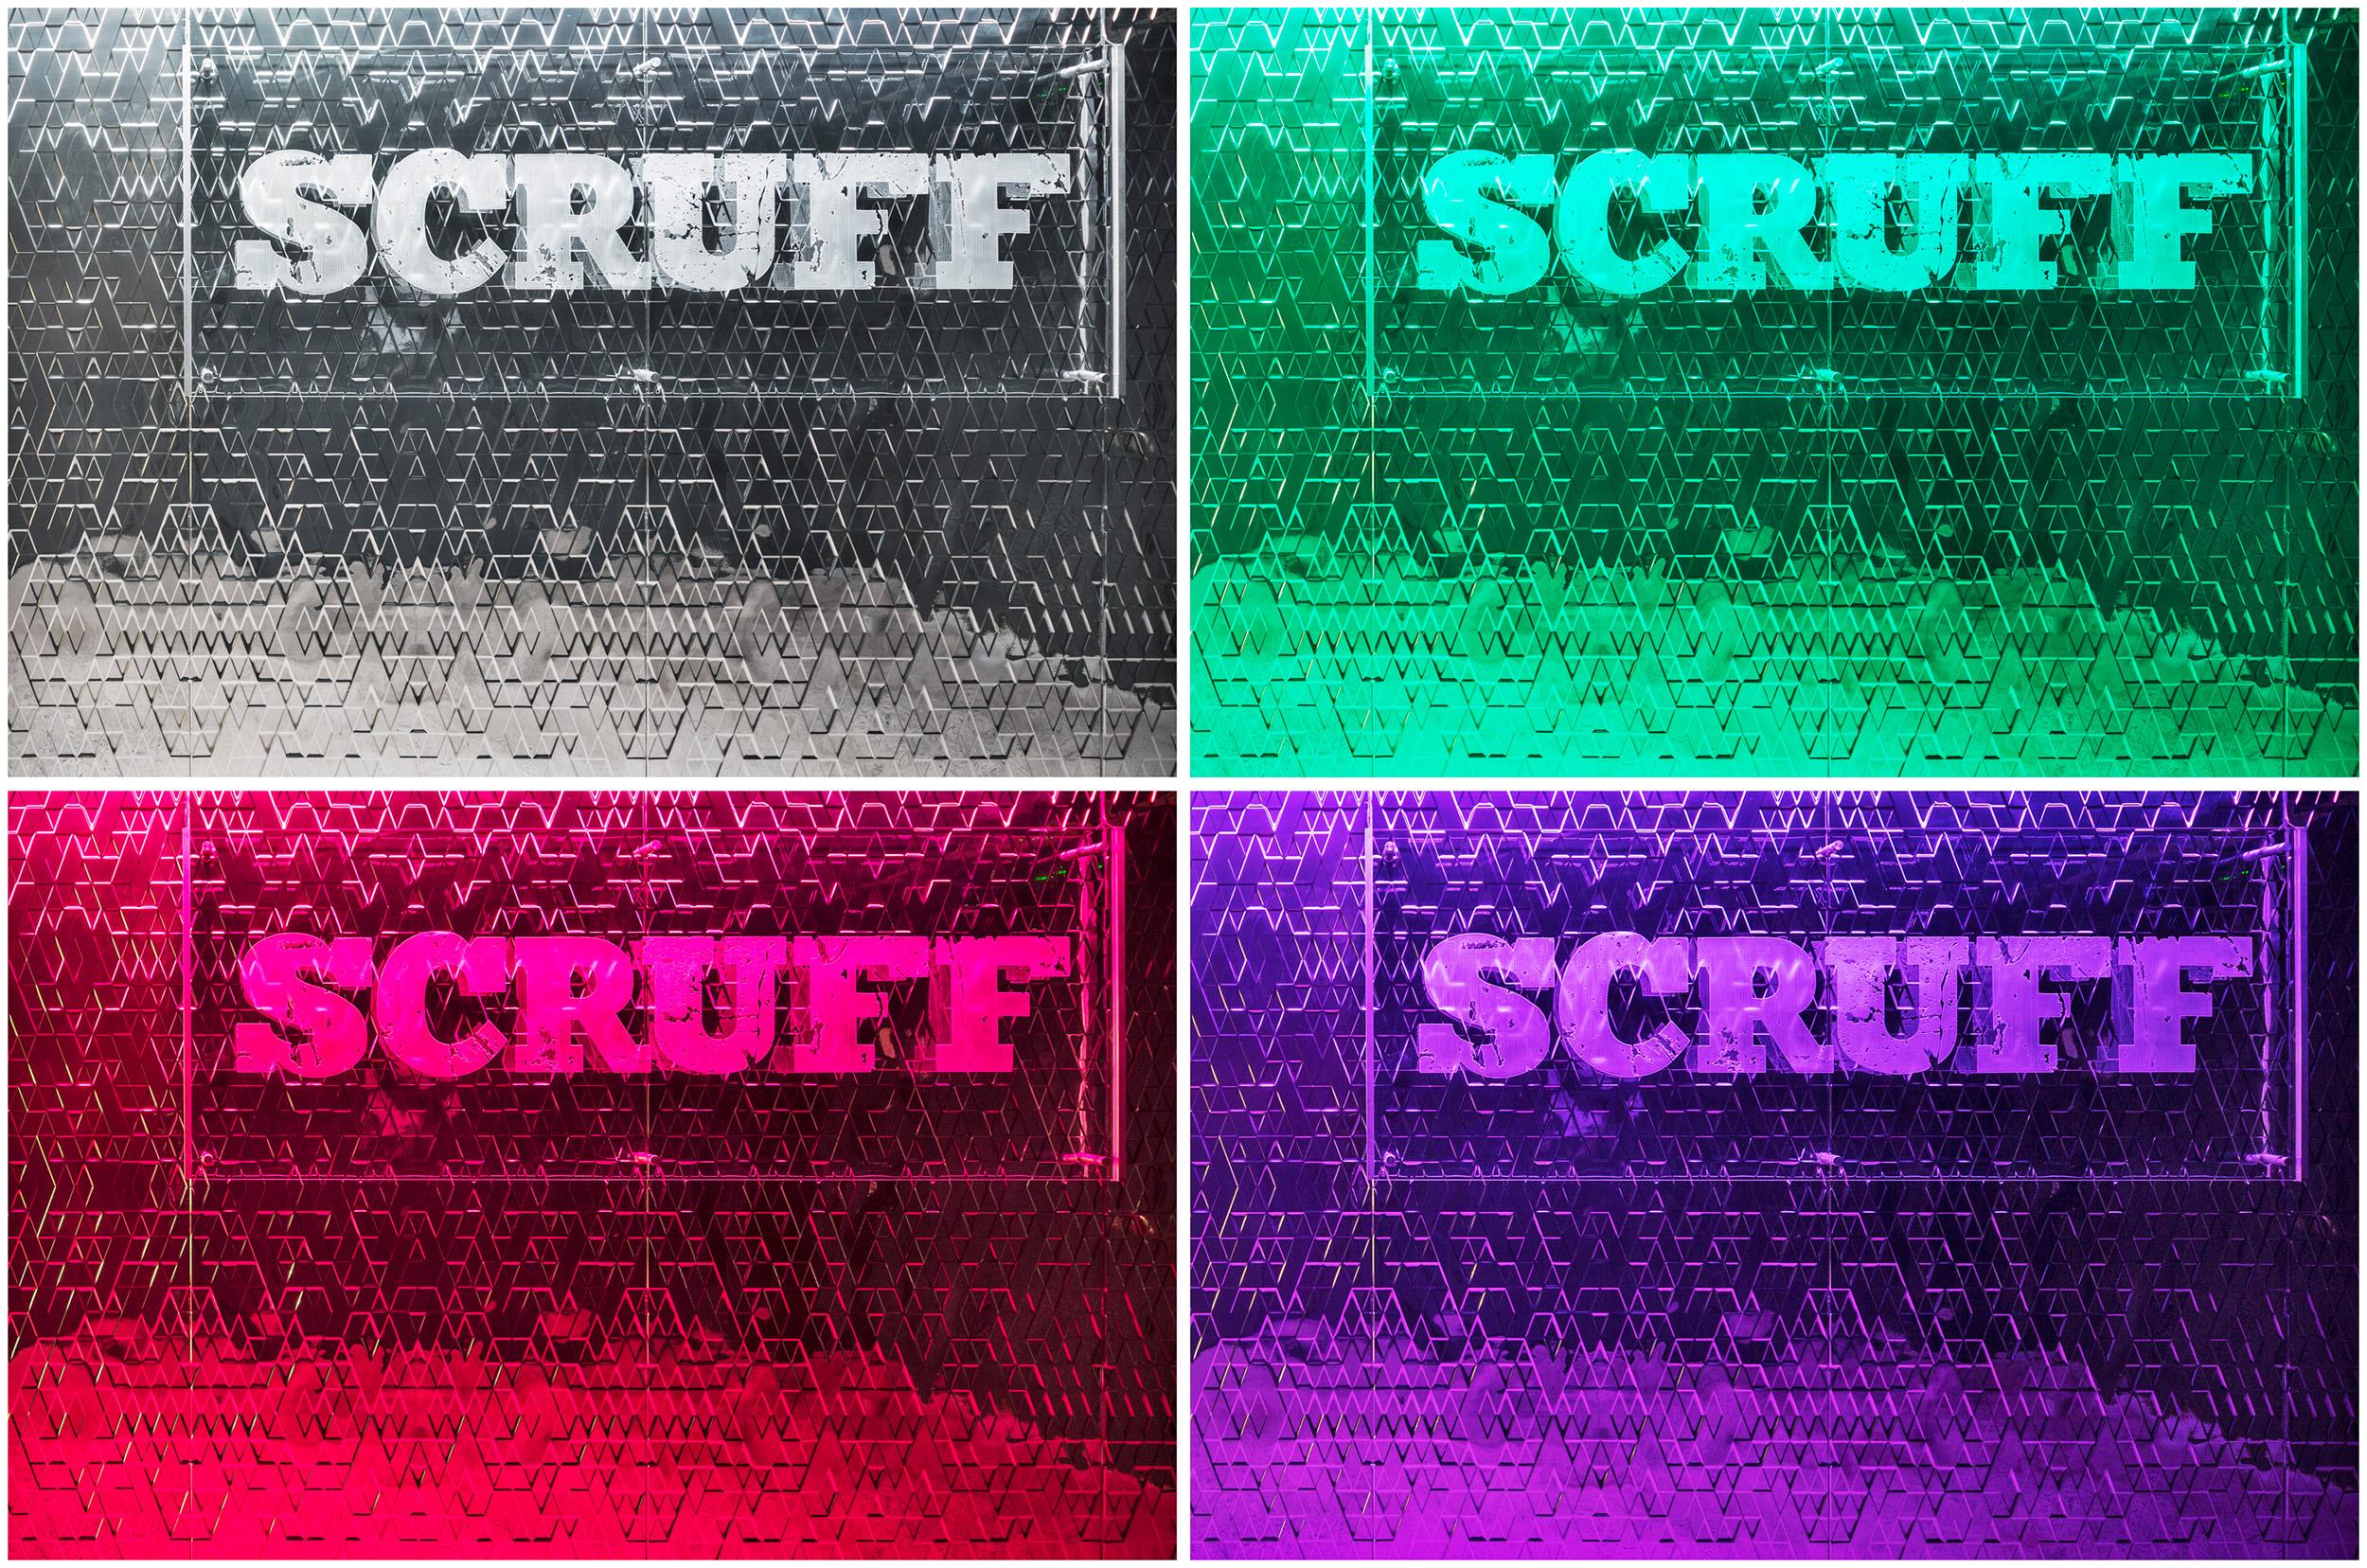 scruff_08.jpg